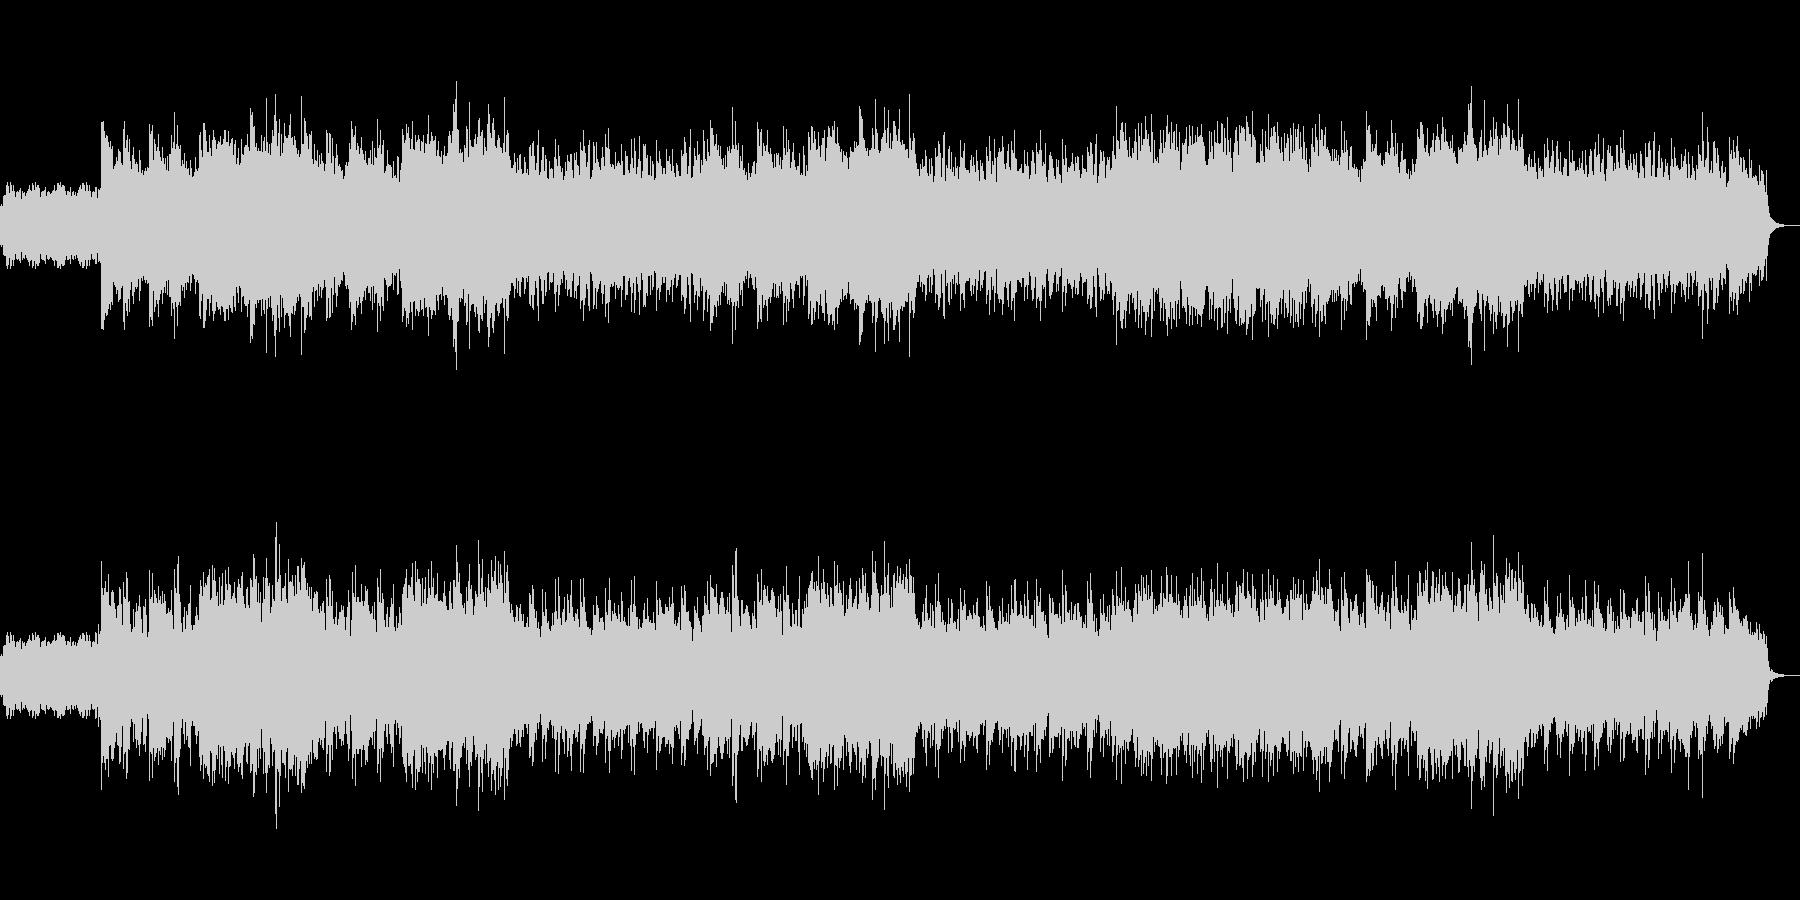 ストリングスとシロフォンによる壮大な曲の未再生の波形